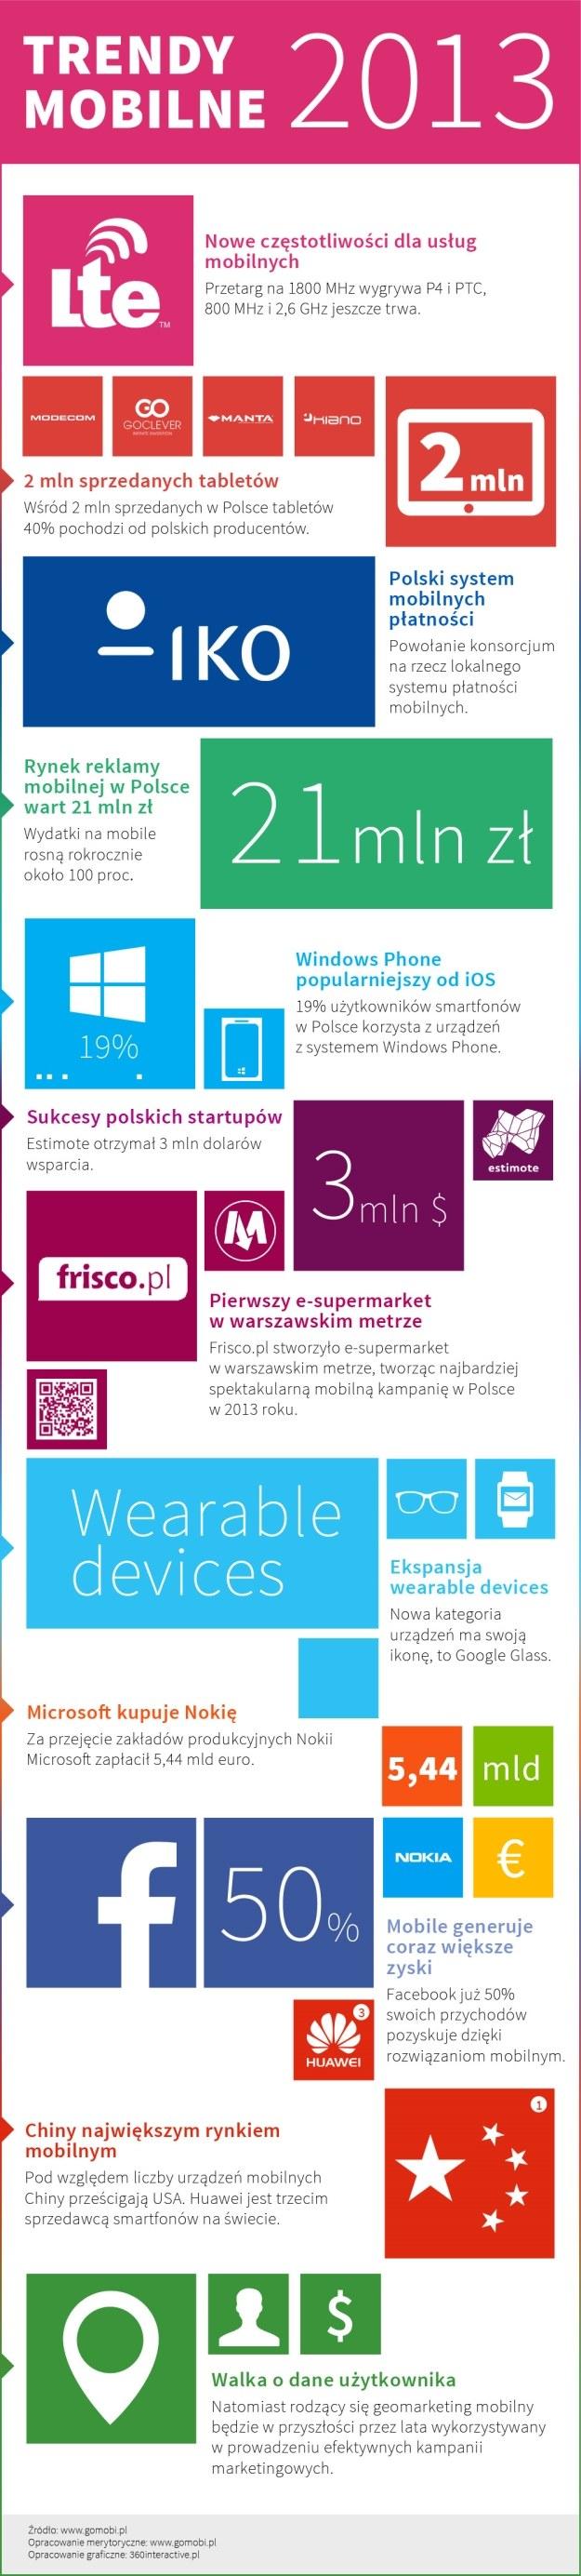 12 trendów mobilnych w 2013 roku /materiały prasowe